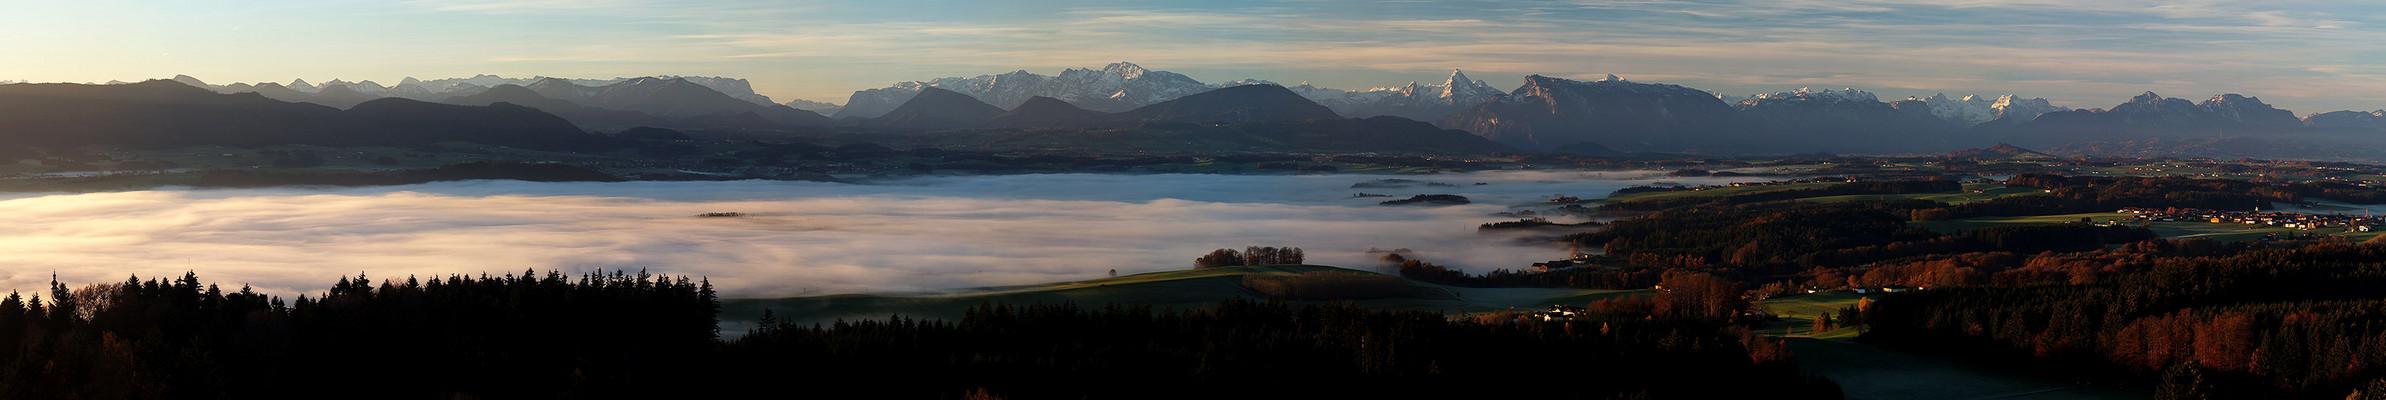 Tannbergblick heute morgen 7h 45 ins Salzburger u. Bayerische Alpenvorland